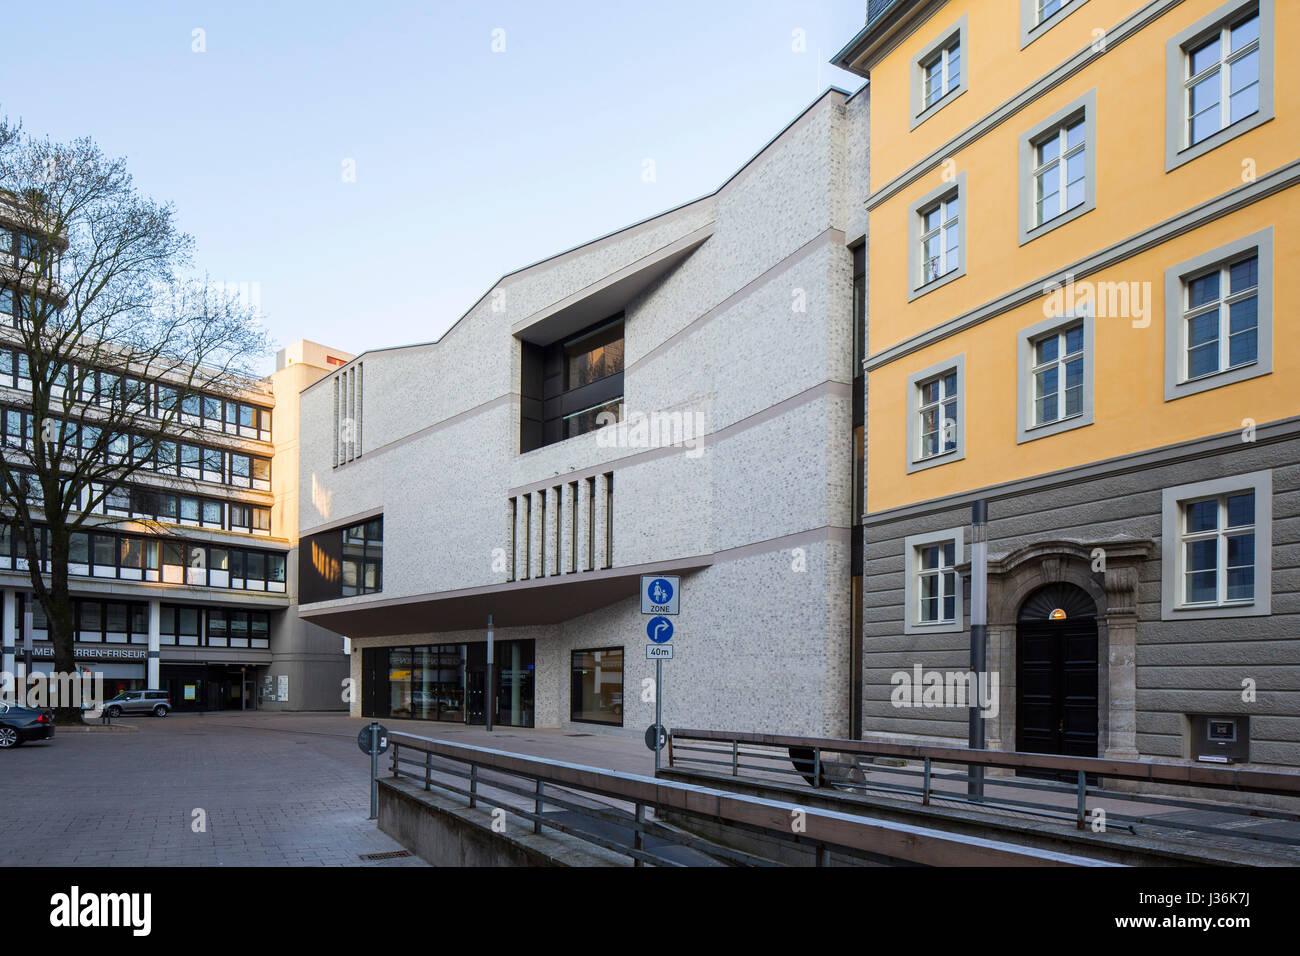 Haus Der Bildung Municipal Library Bonn Stock s